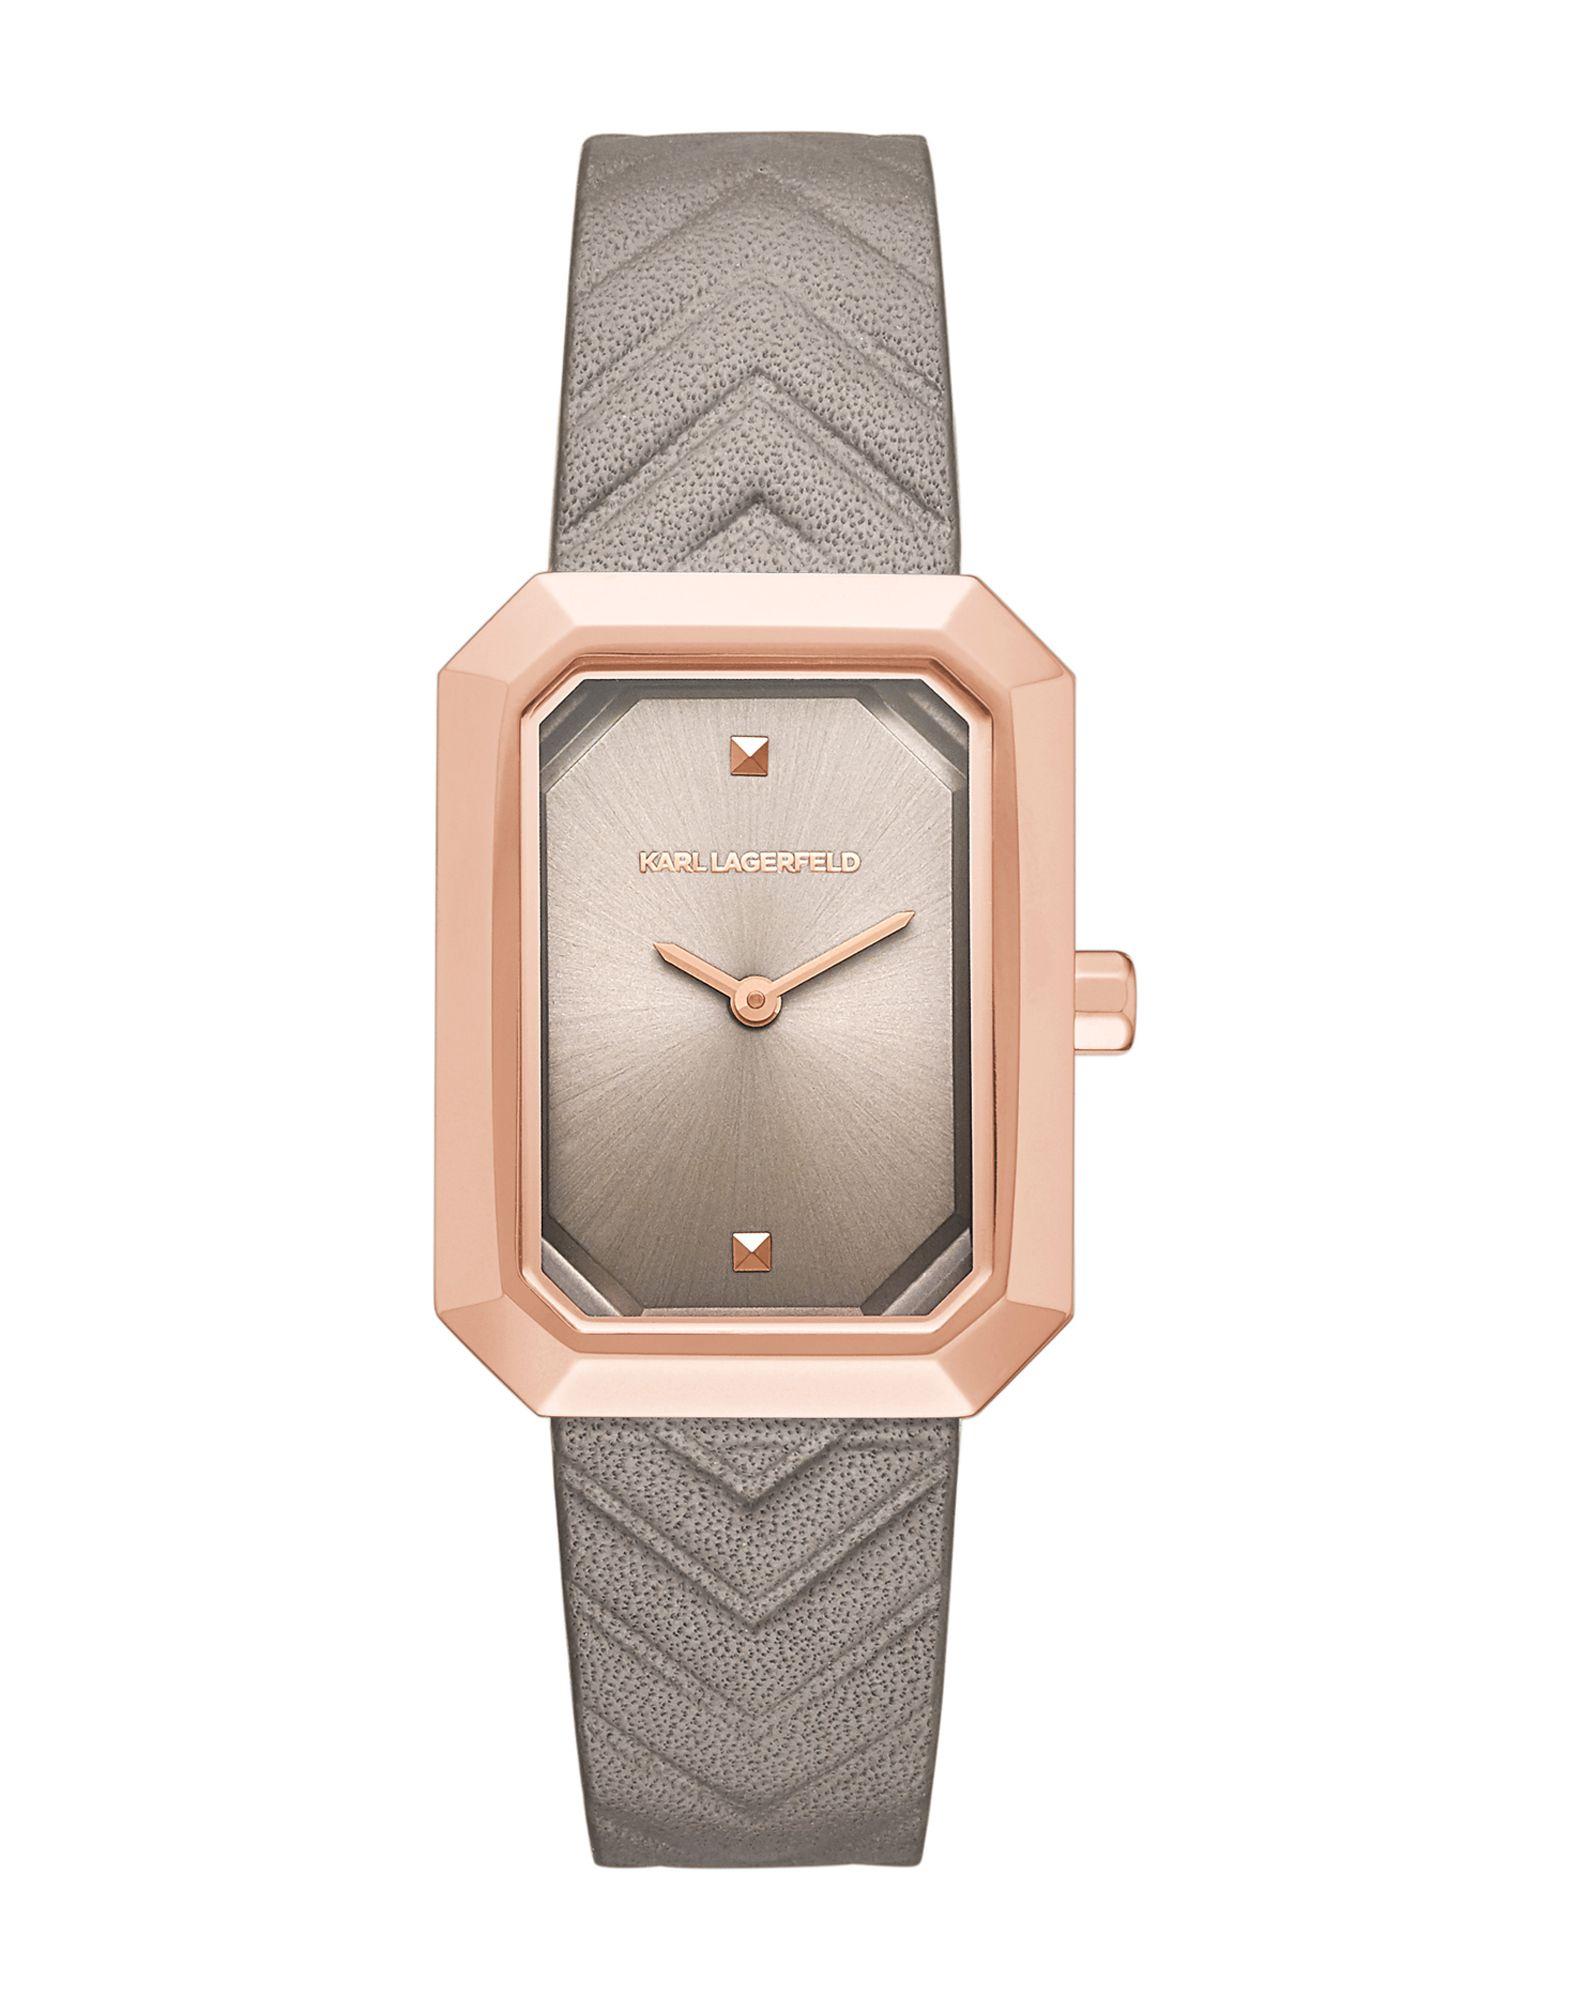 KARL LAGERFELD Наручные часы часы relogio feminino мужчины ложная крокодил кожа blu ray часынаручные часы